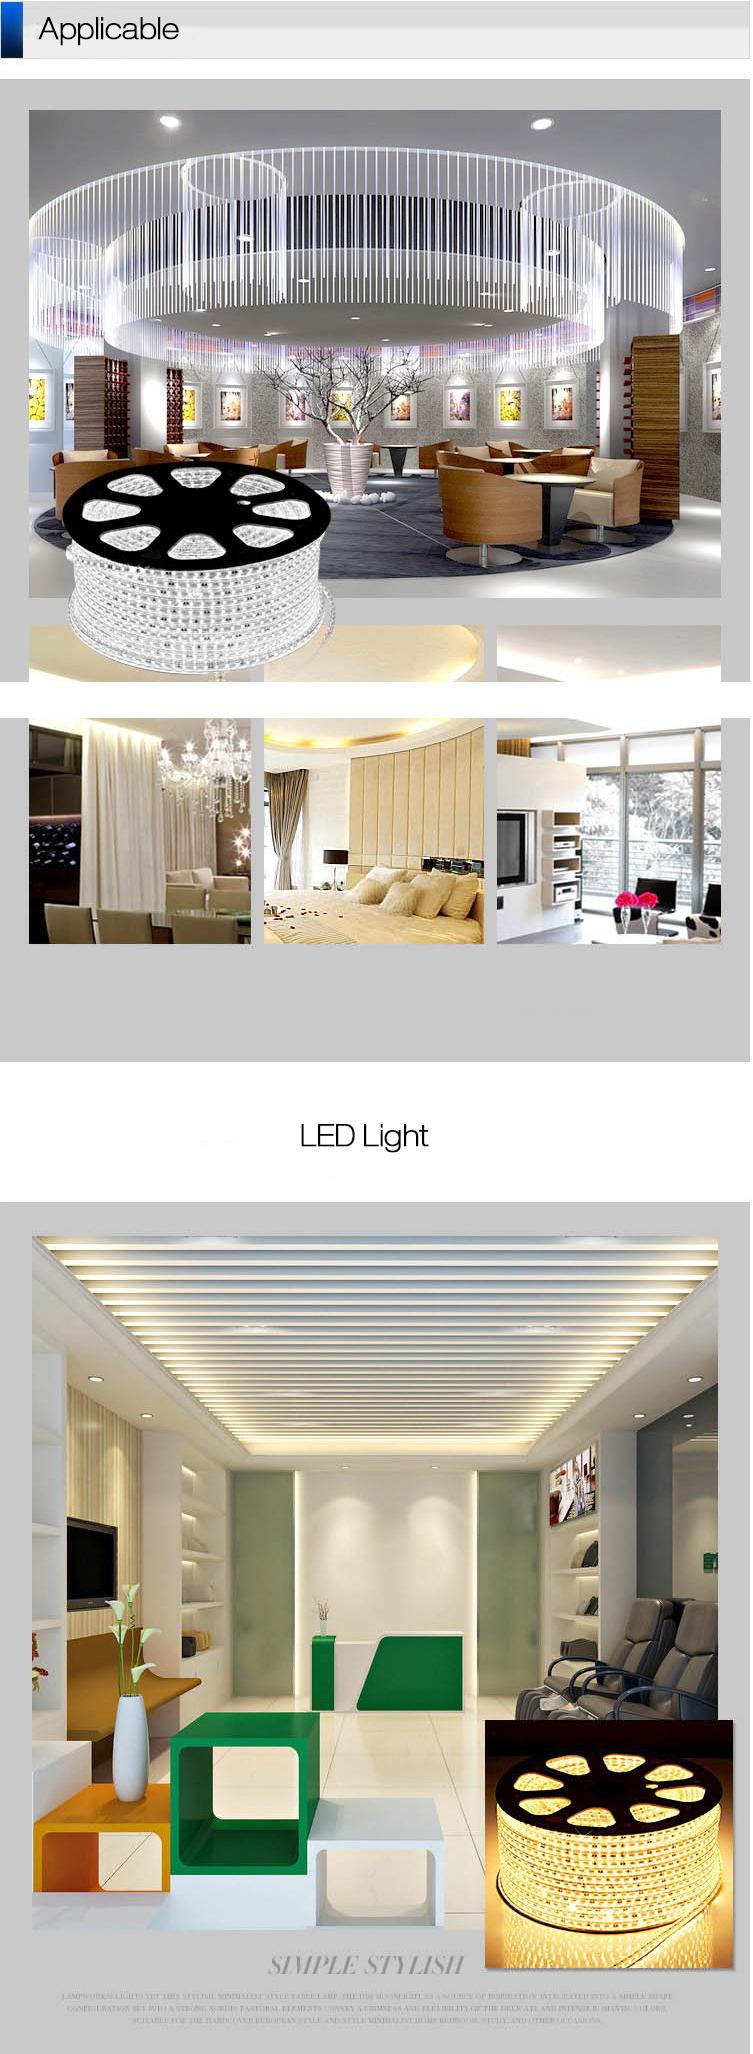 1 x 1M 220V LED Strip Light